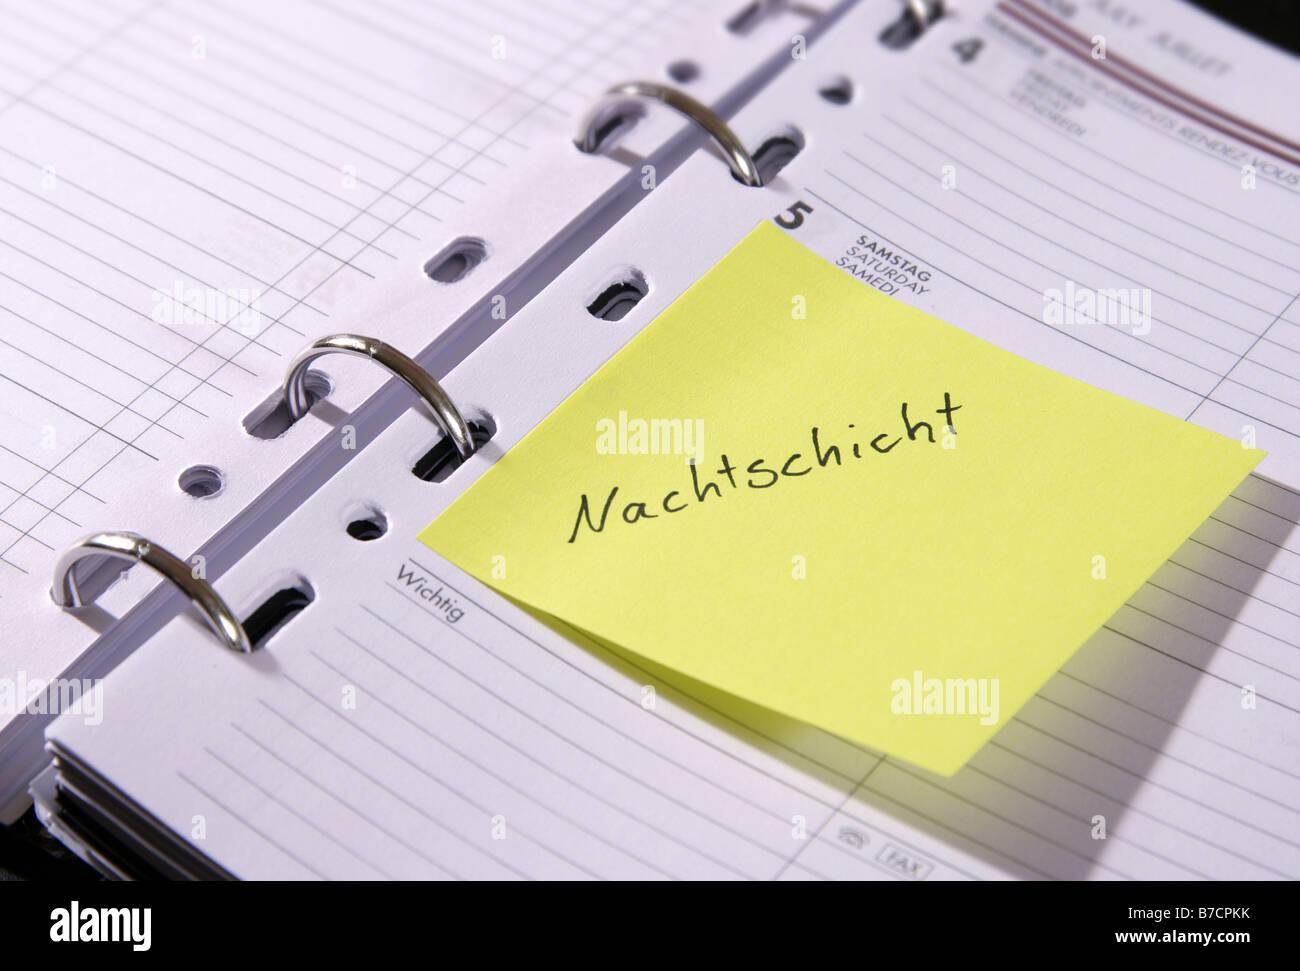 Carnet de rendez-vous 'Nachtschicht'; 'night shift', Allemagne Banque D'Images